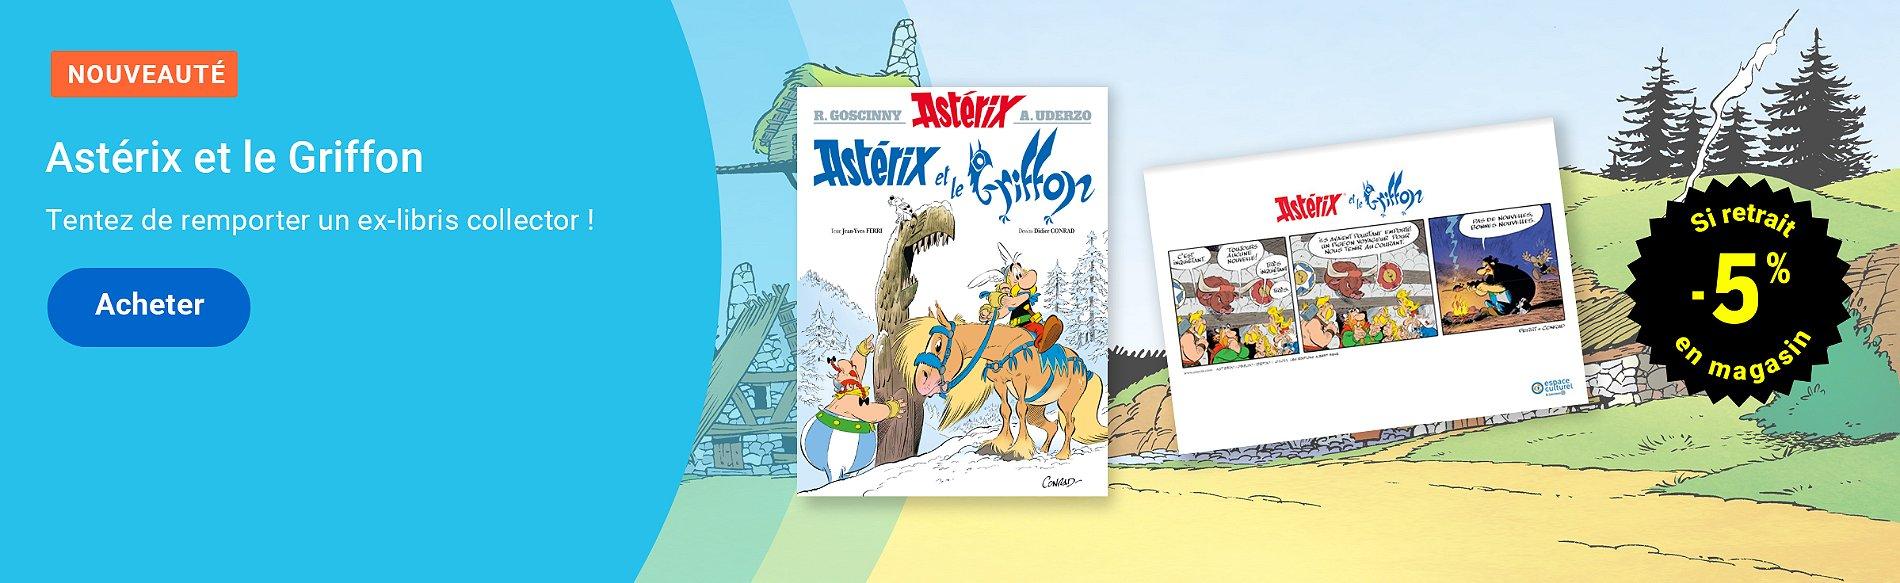 Astérix et le Griffon